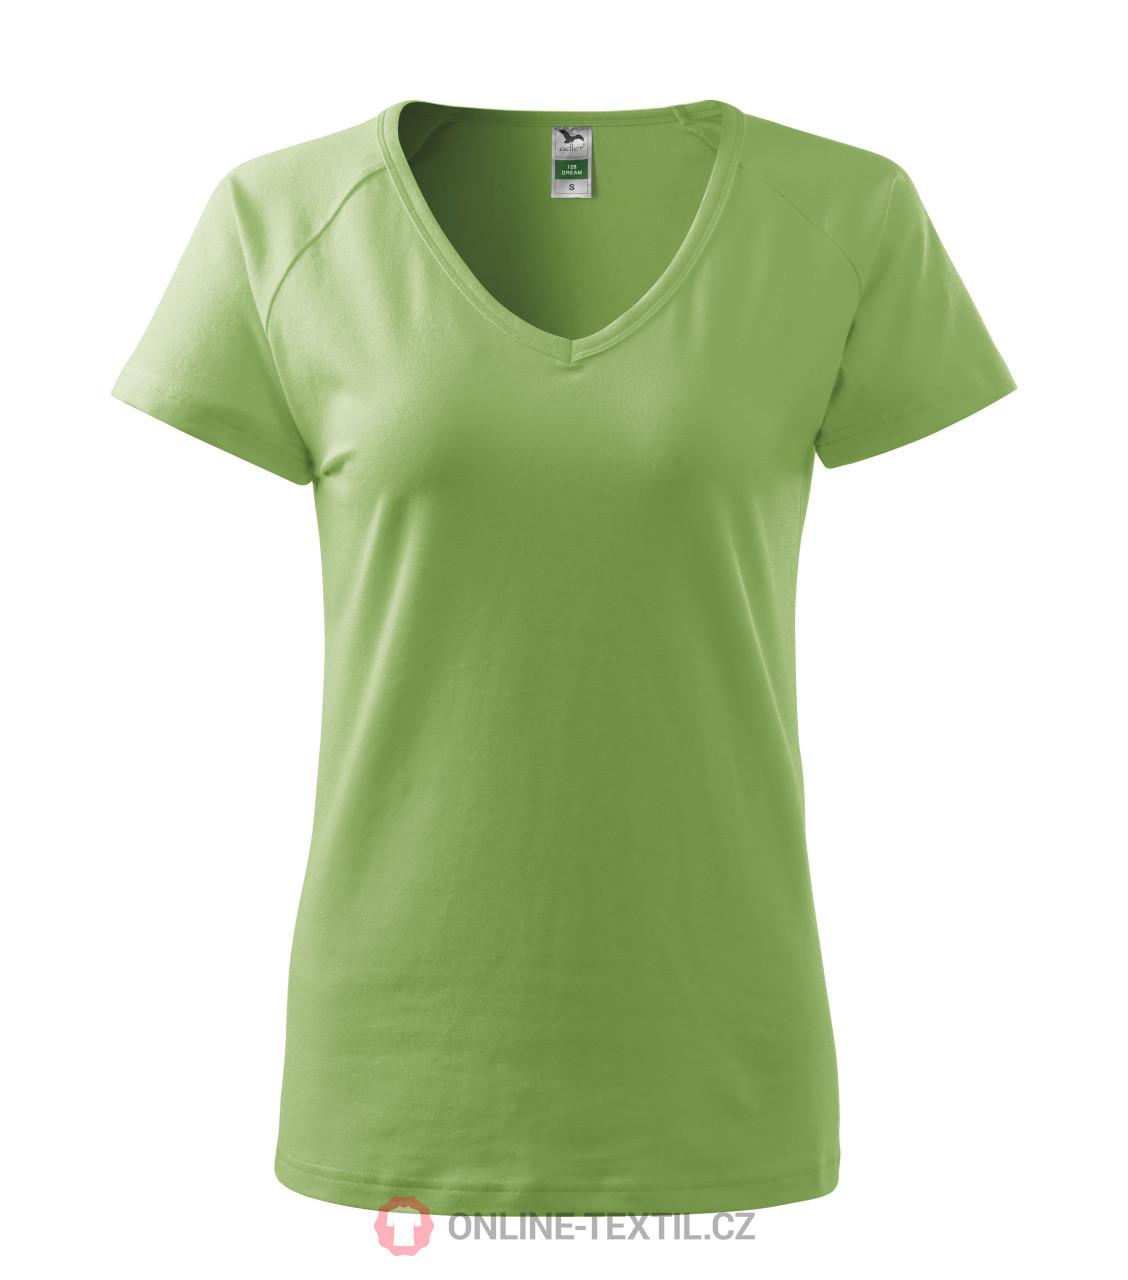 ADLER CZECH Tričko dámské Dream 1X8 - trávově zelená z kolekce ... 8f806ca24c